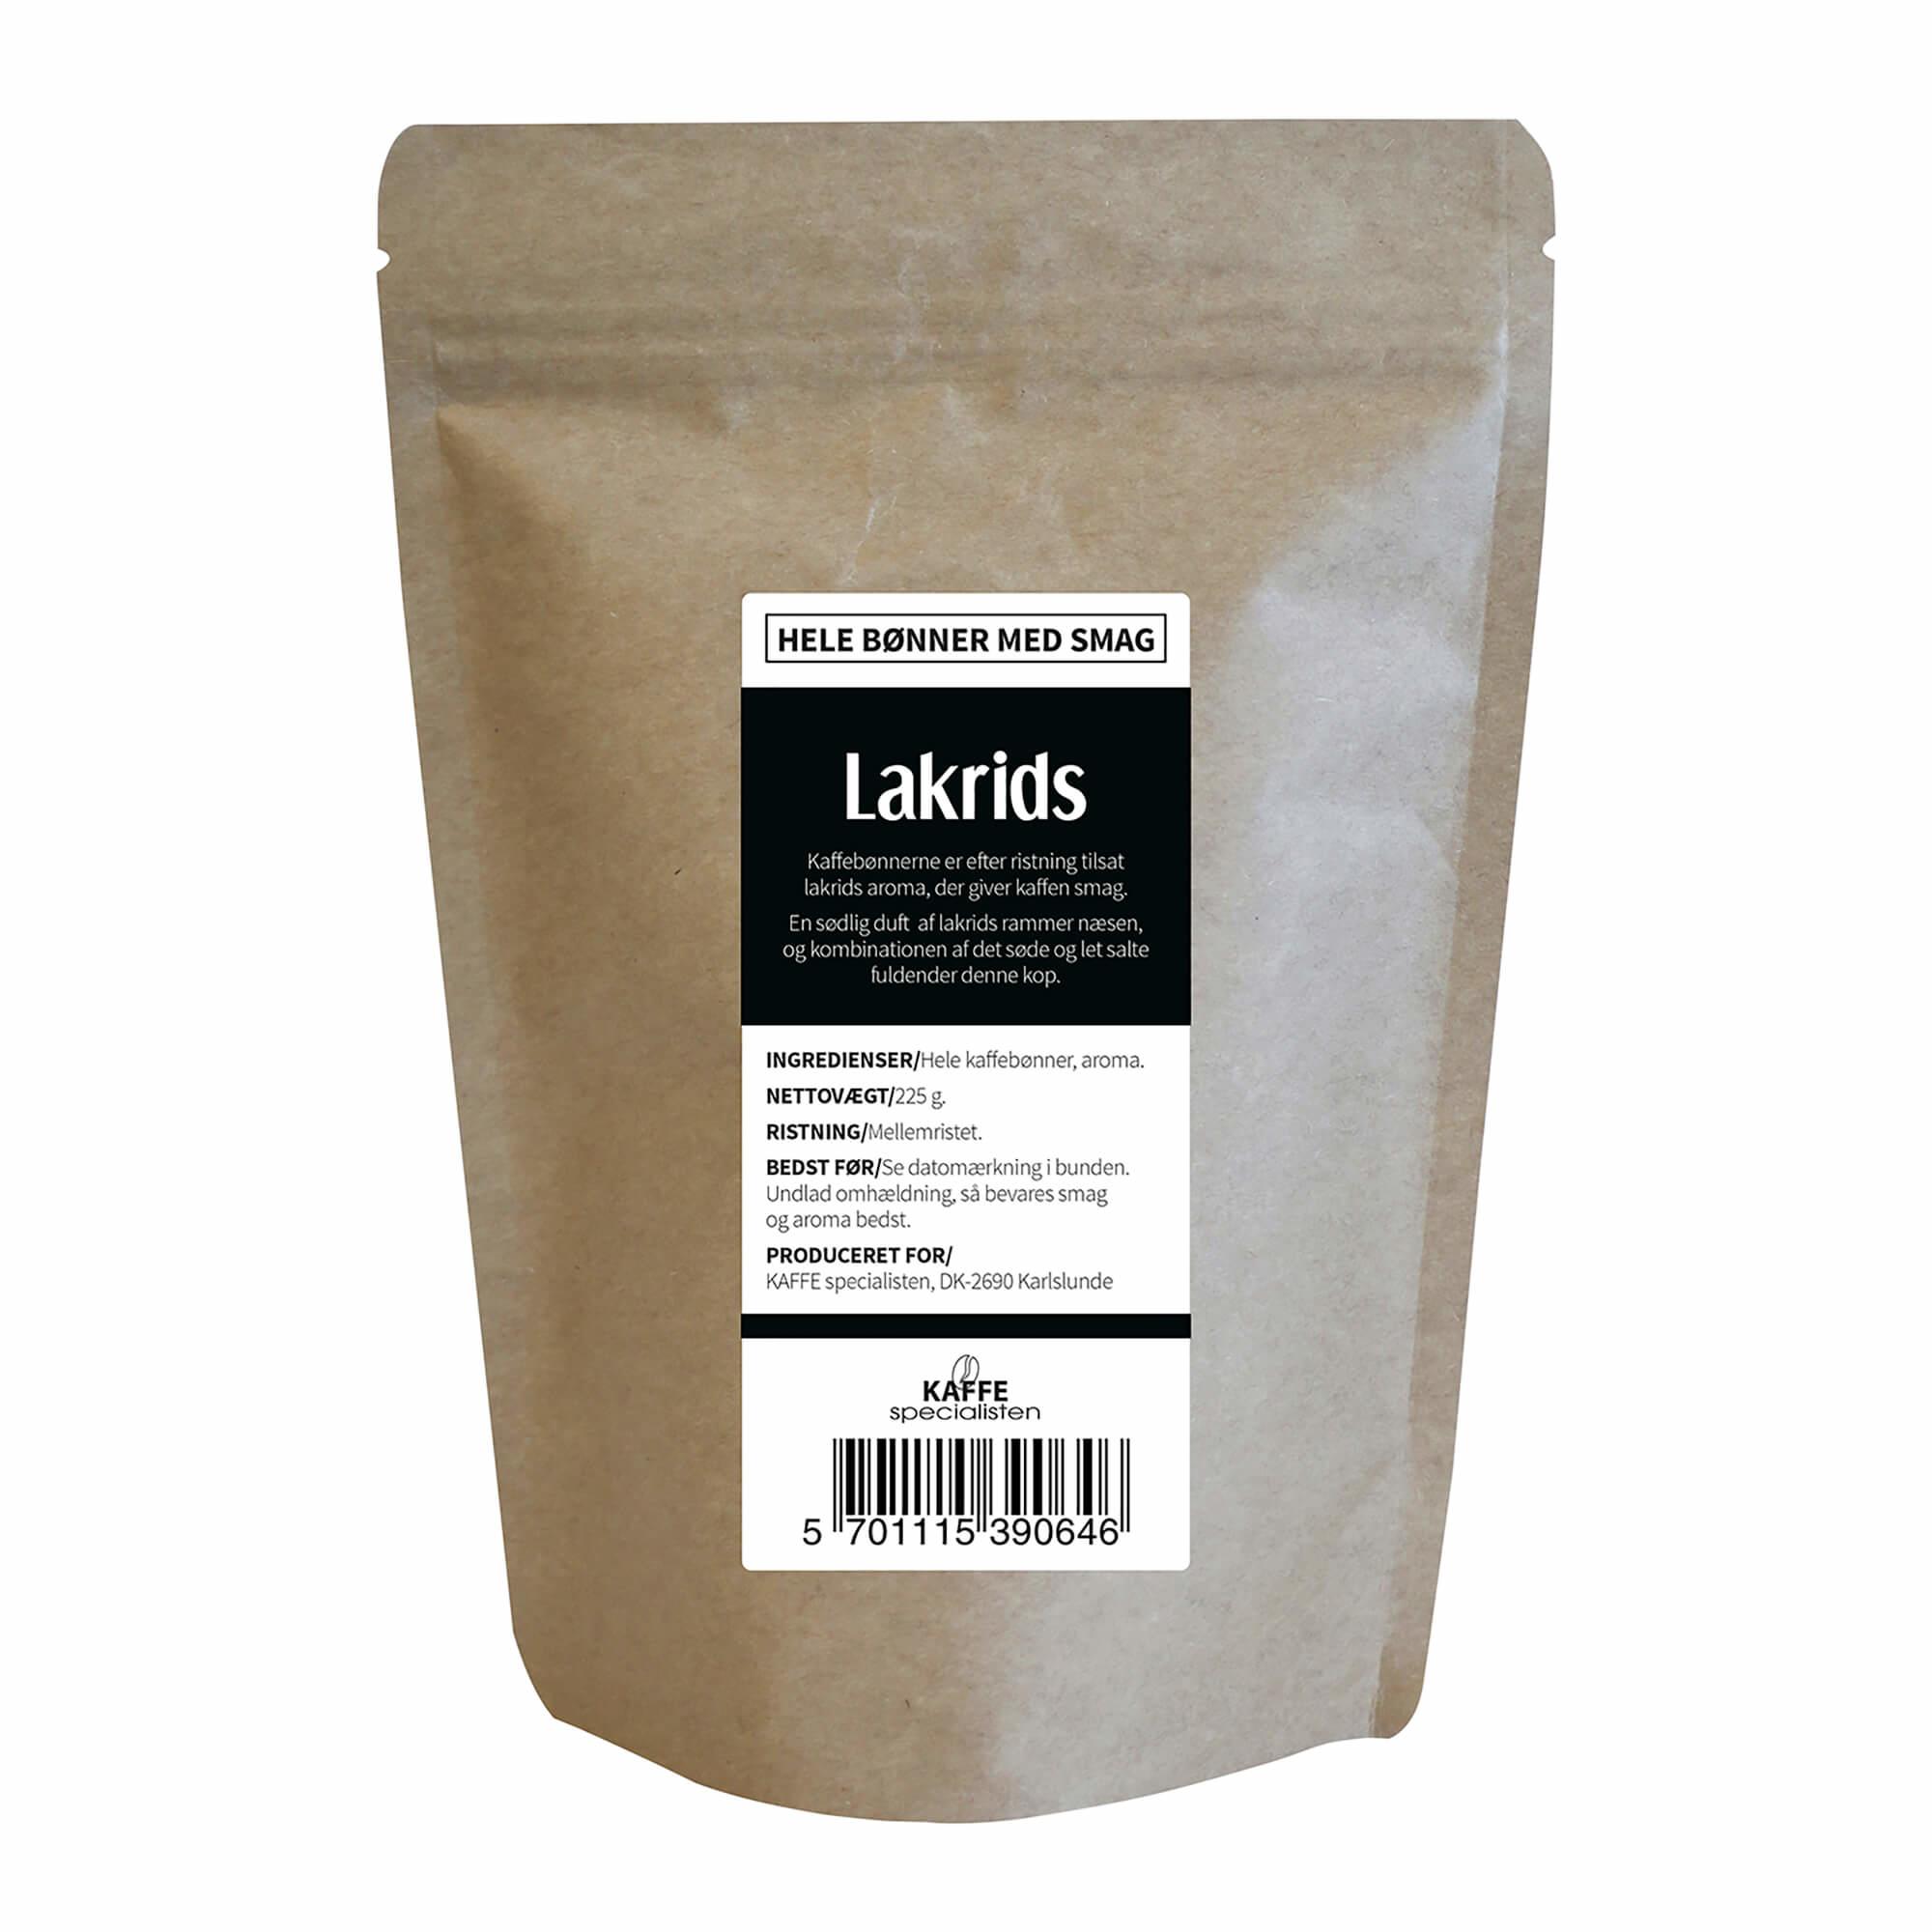 KAFFE Specialisten Kaffebønner Lakrids Smag